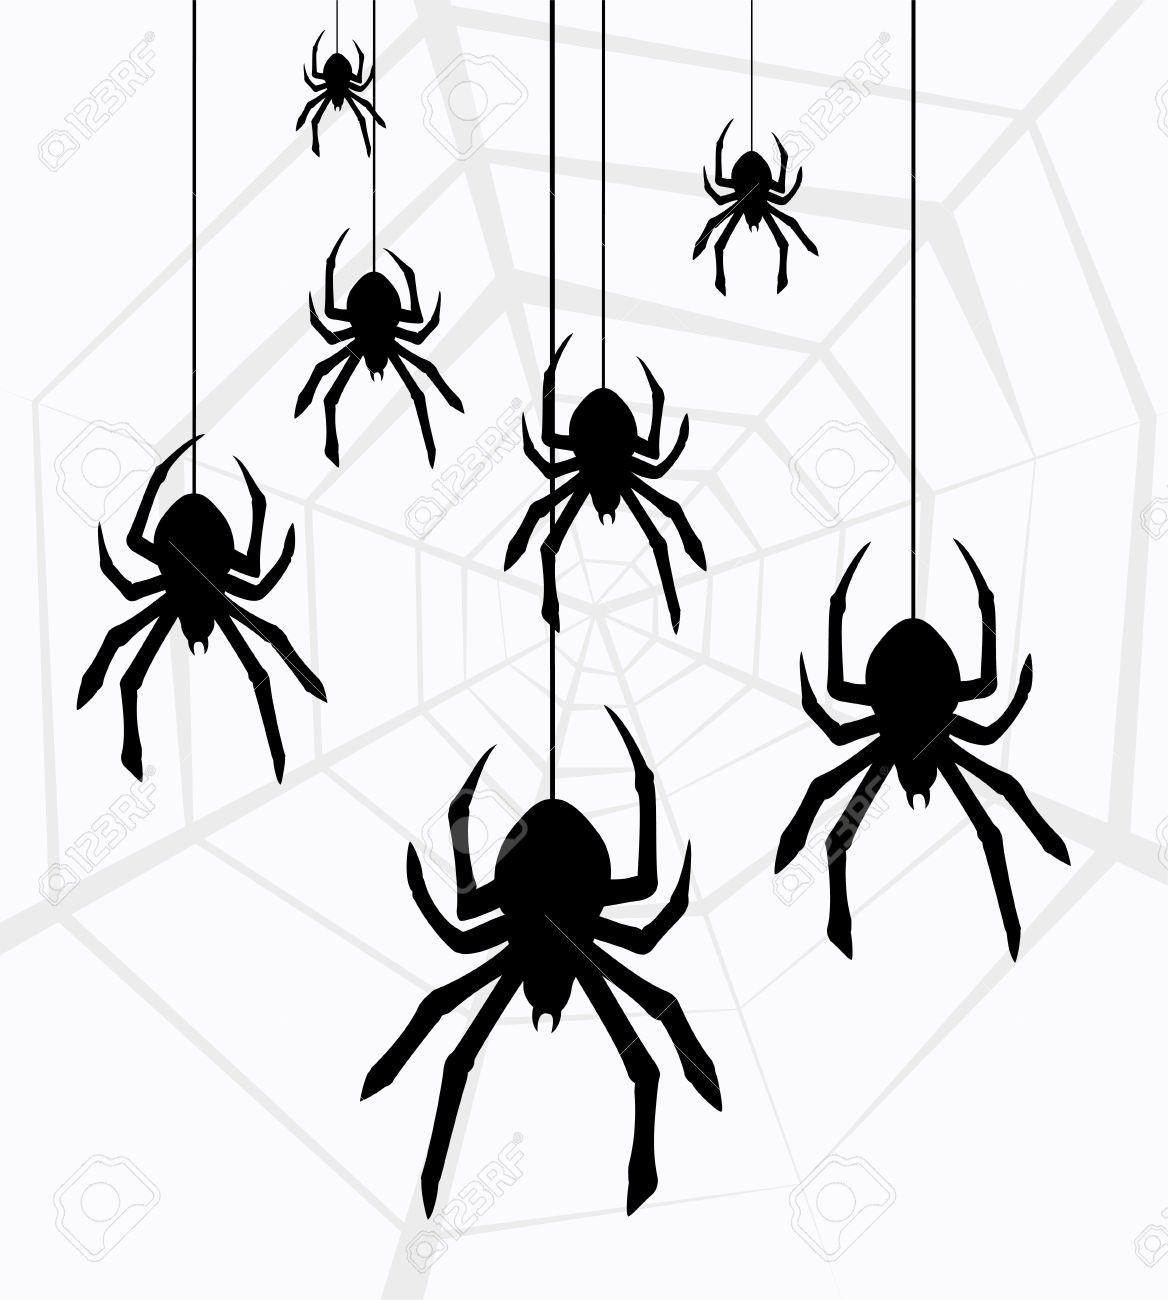 1168x1300 Arachnid Clipart Halloween Spider